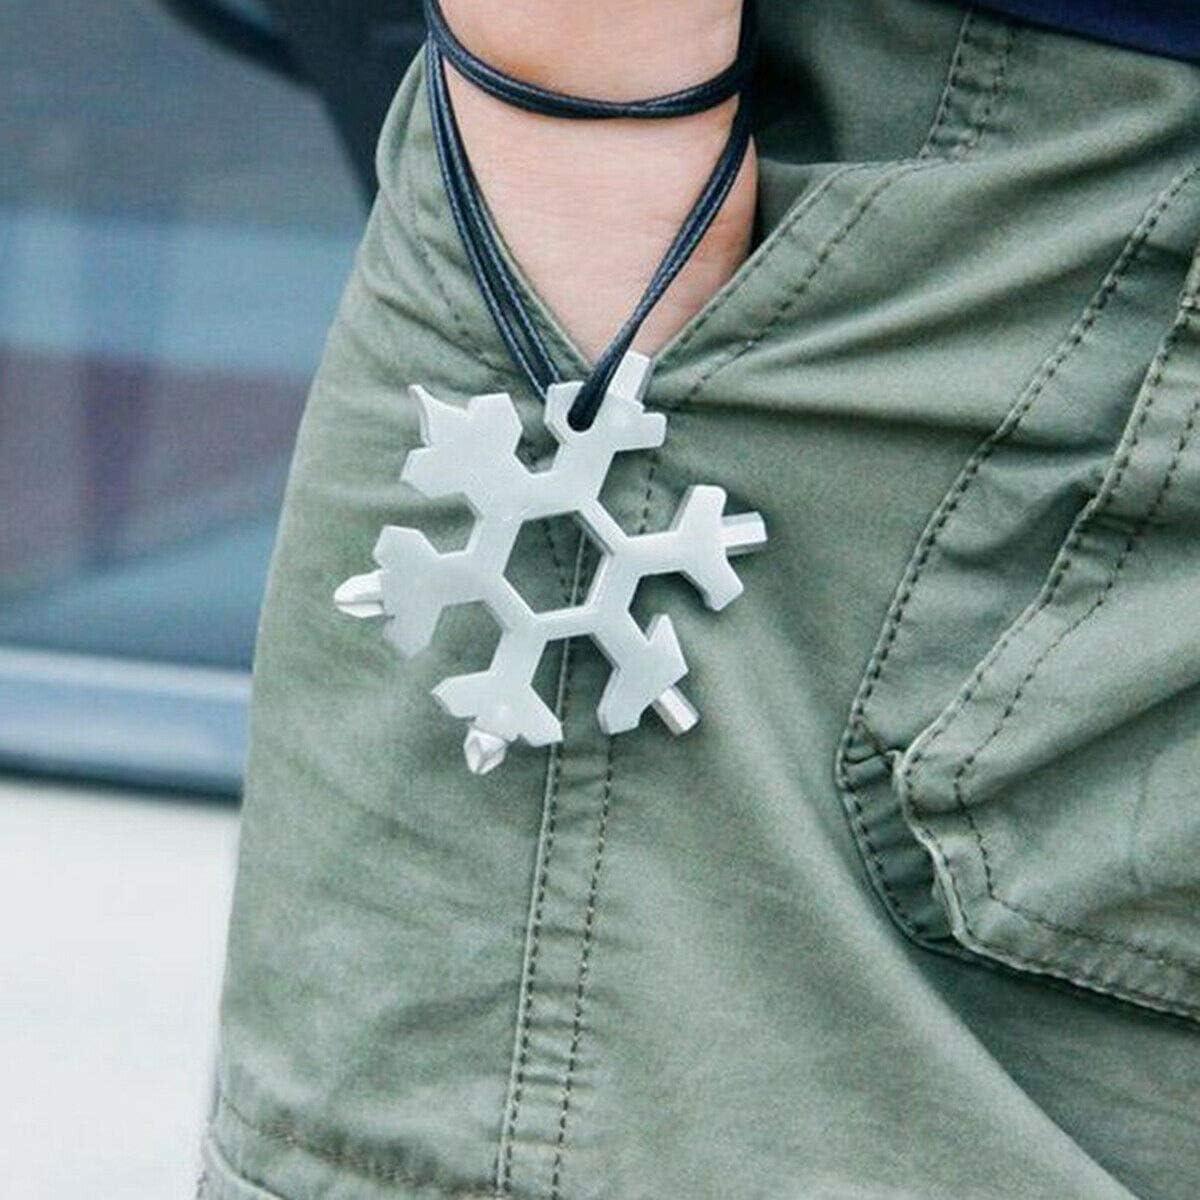 Gojiny Snowflake Multi-Tool 18 en 1 Port/átil Acero Inoxidable Forma de Copo de Nieve Flat Cross Head Destornillador